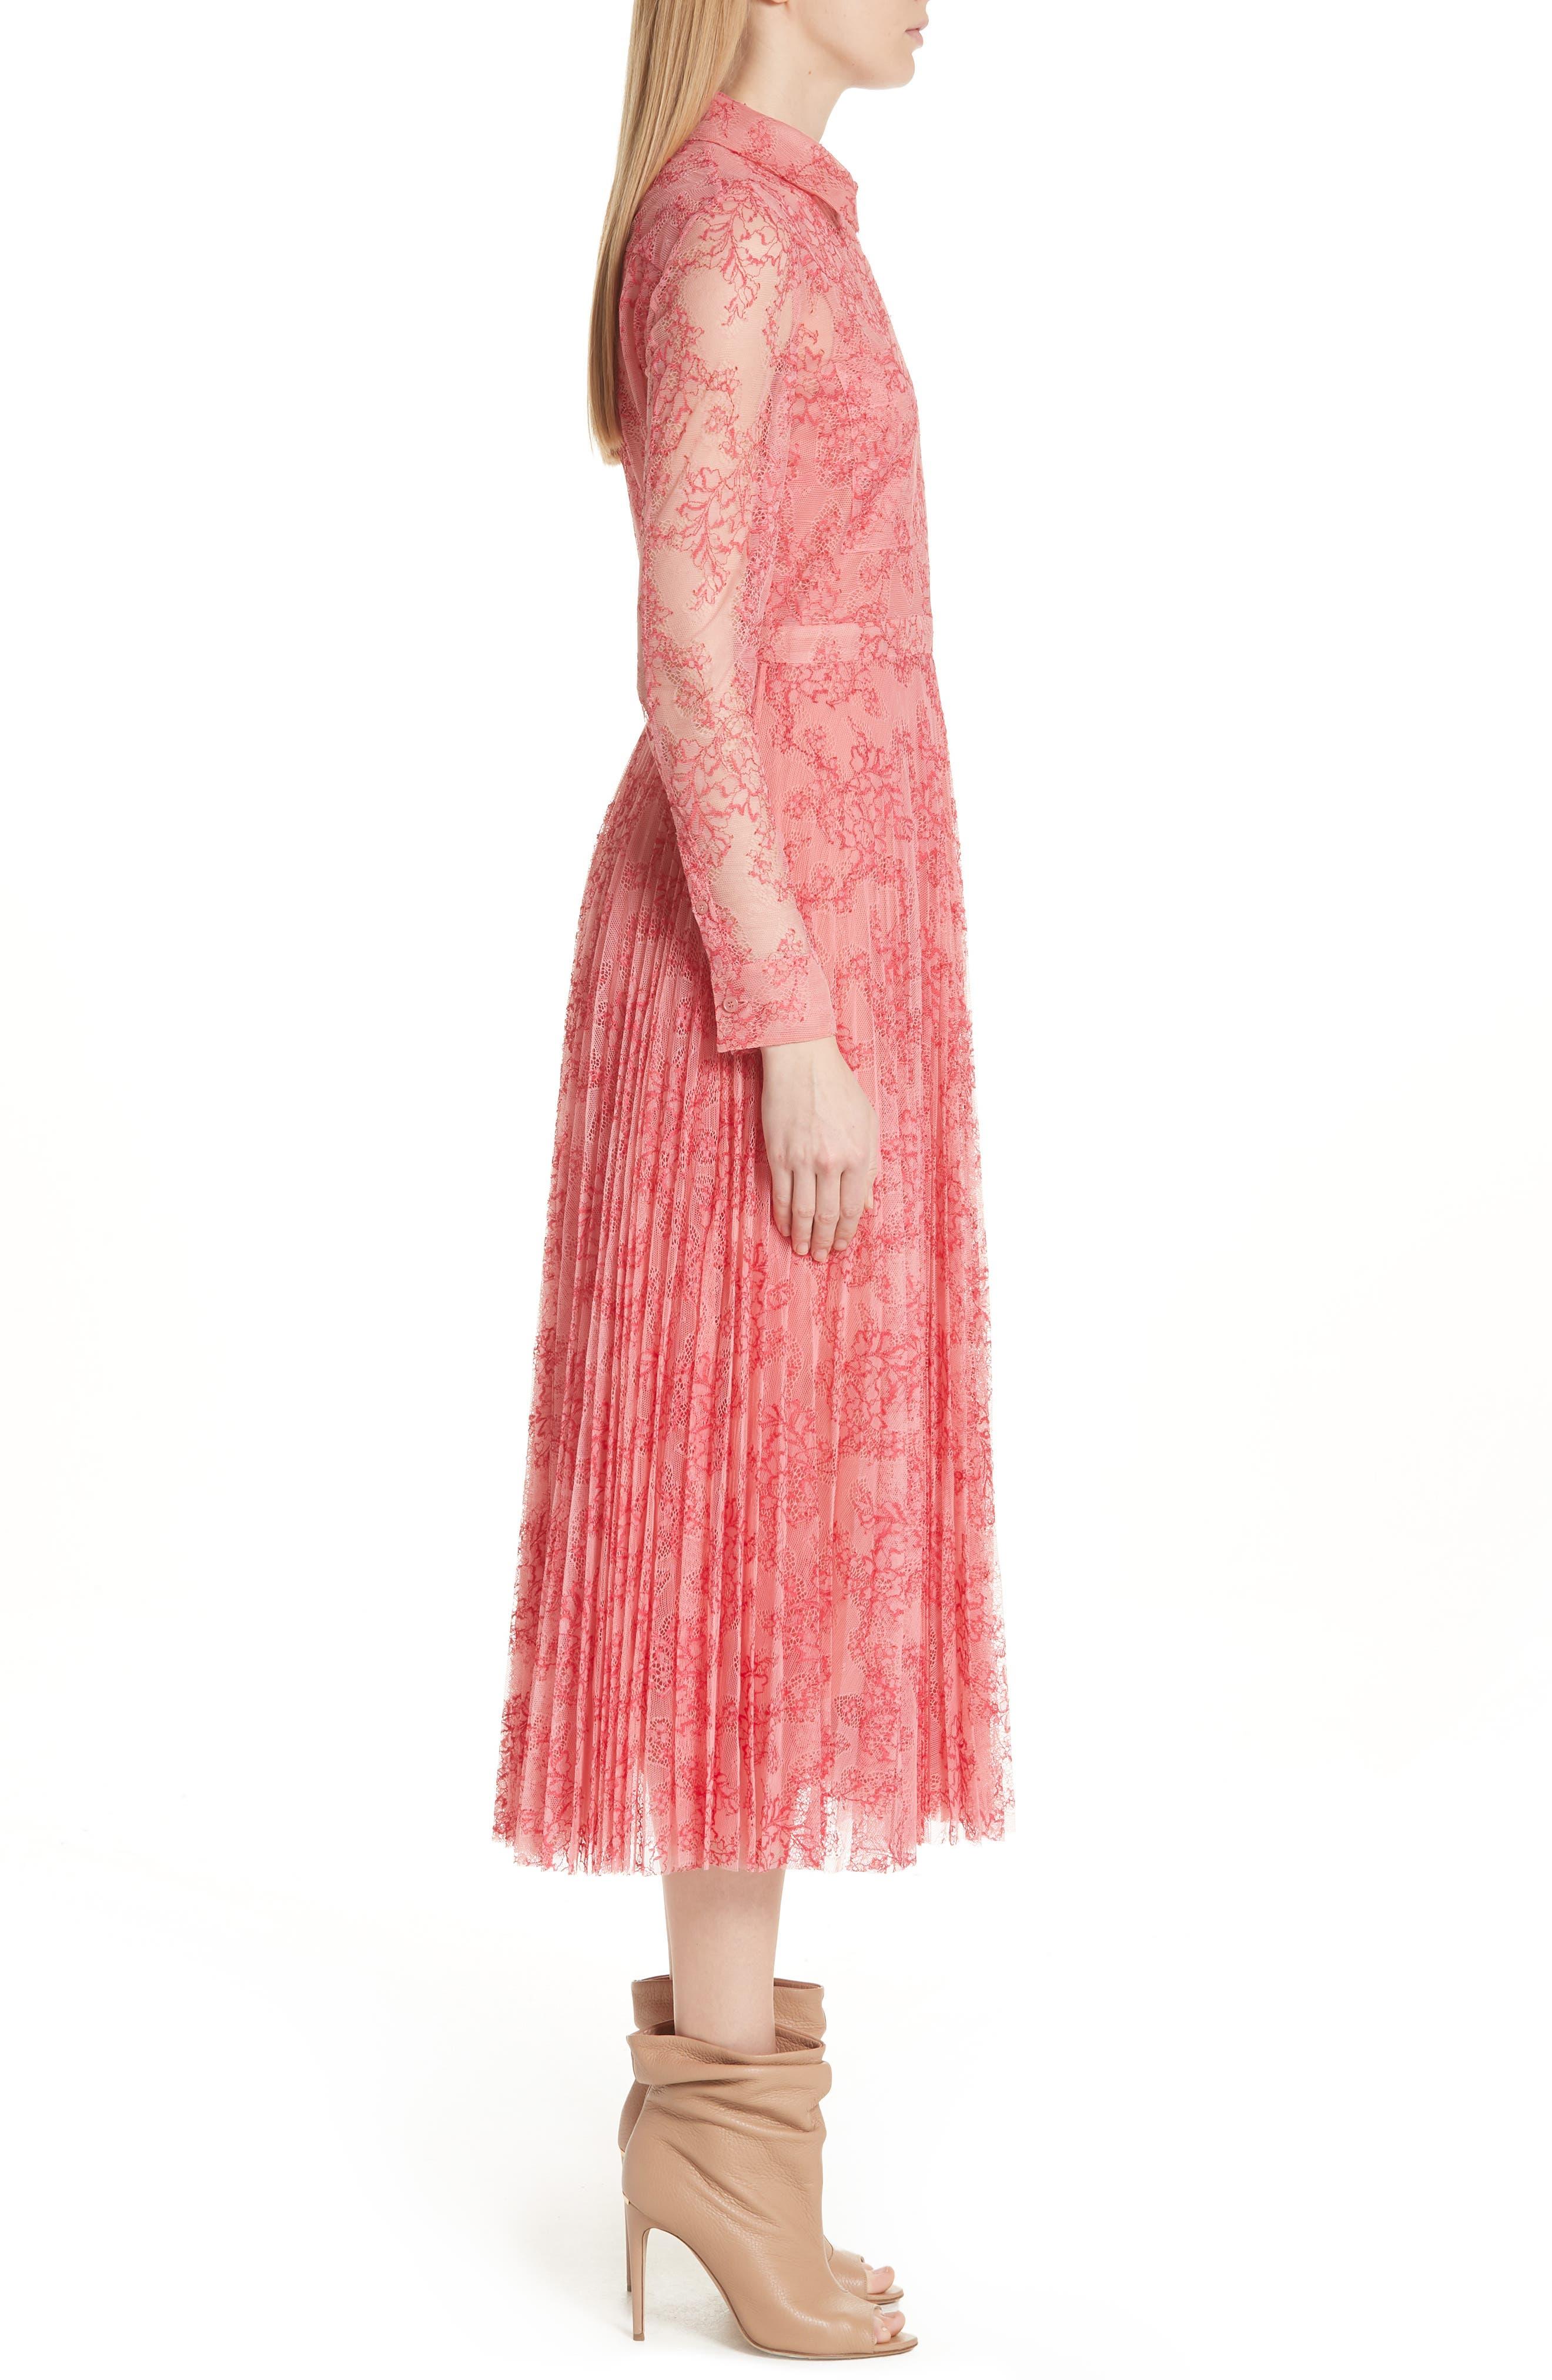 Clementine Floral Lace Midi Dress,                             Alternate thumbnail 3, color,                             956